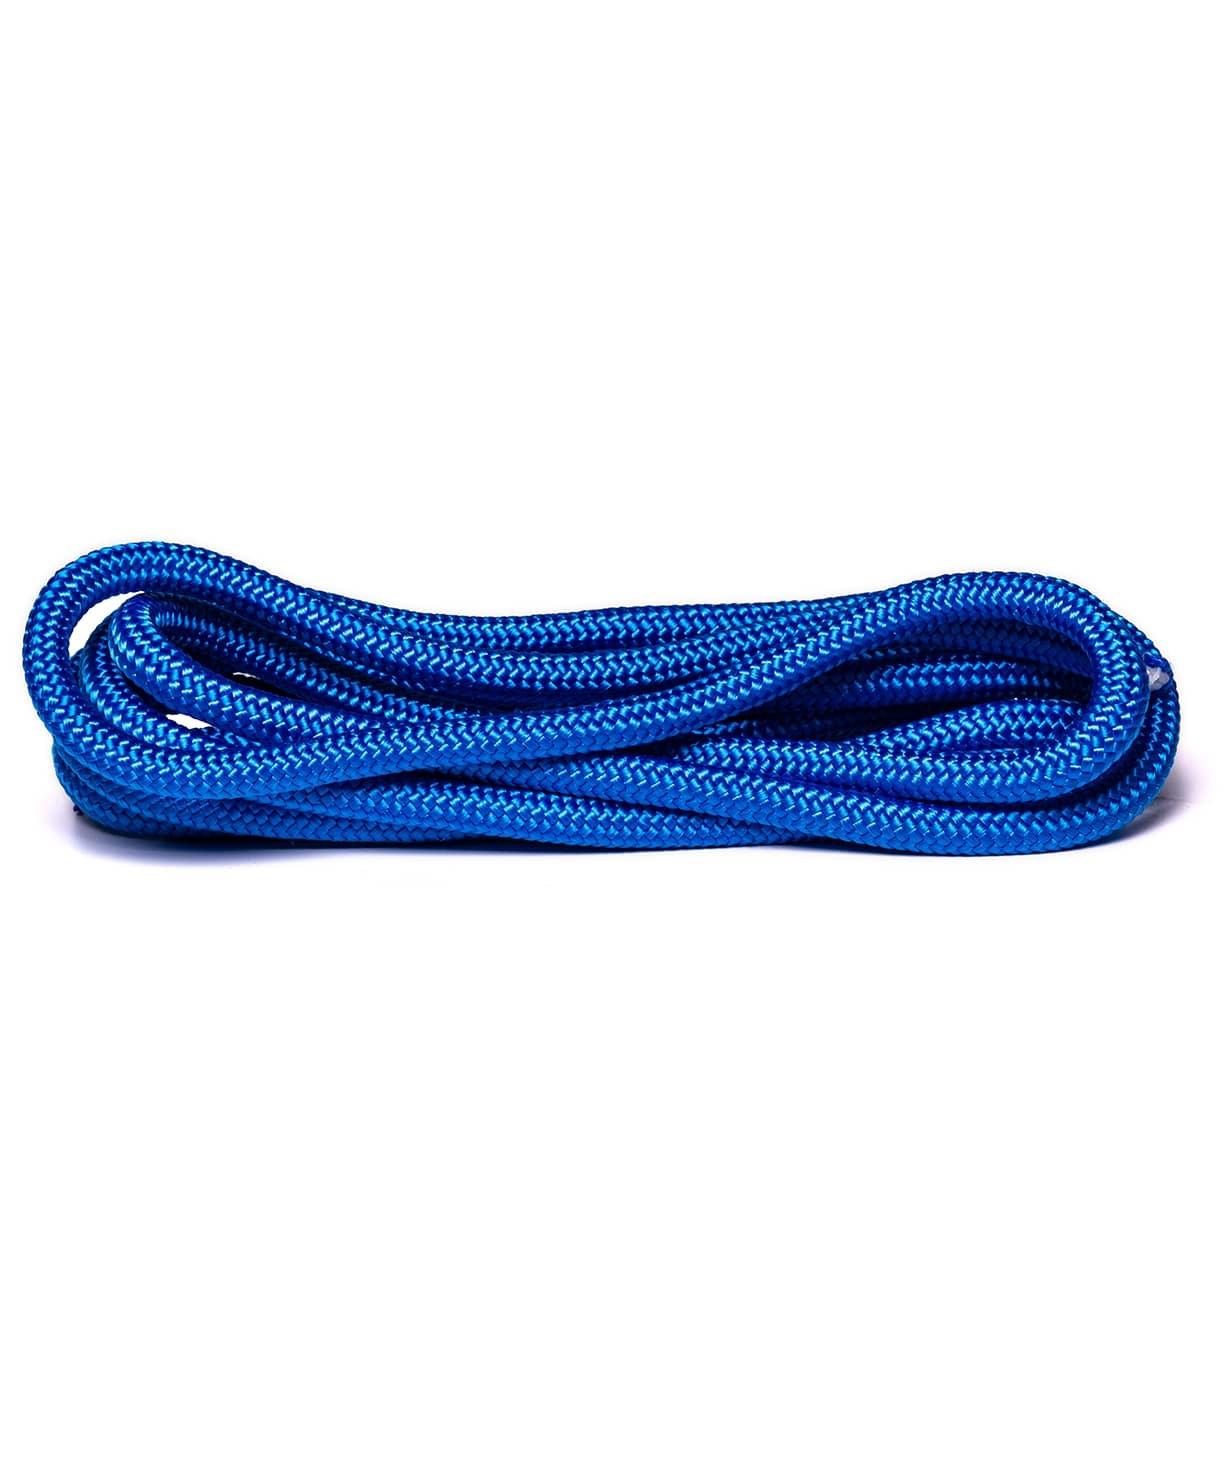 Скакалка для художественной гимнастики RGJ-104, 3м, синий